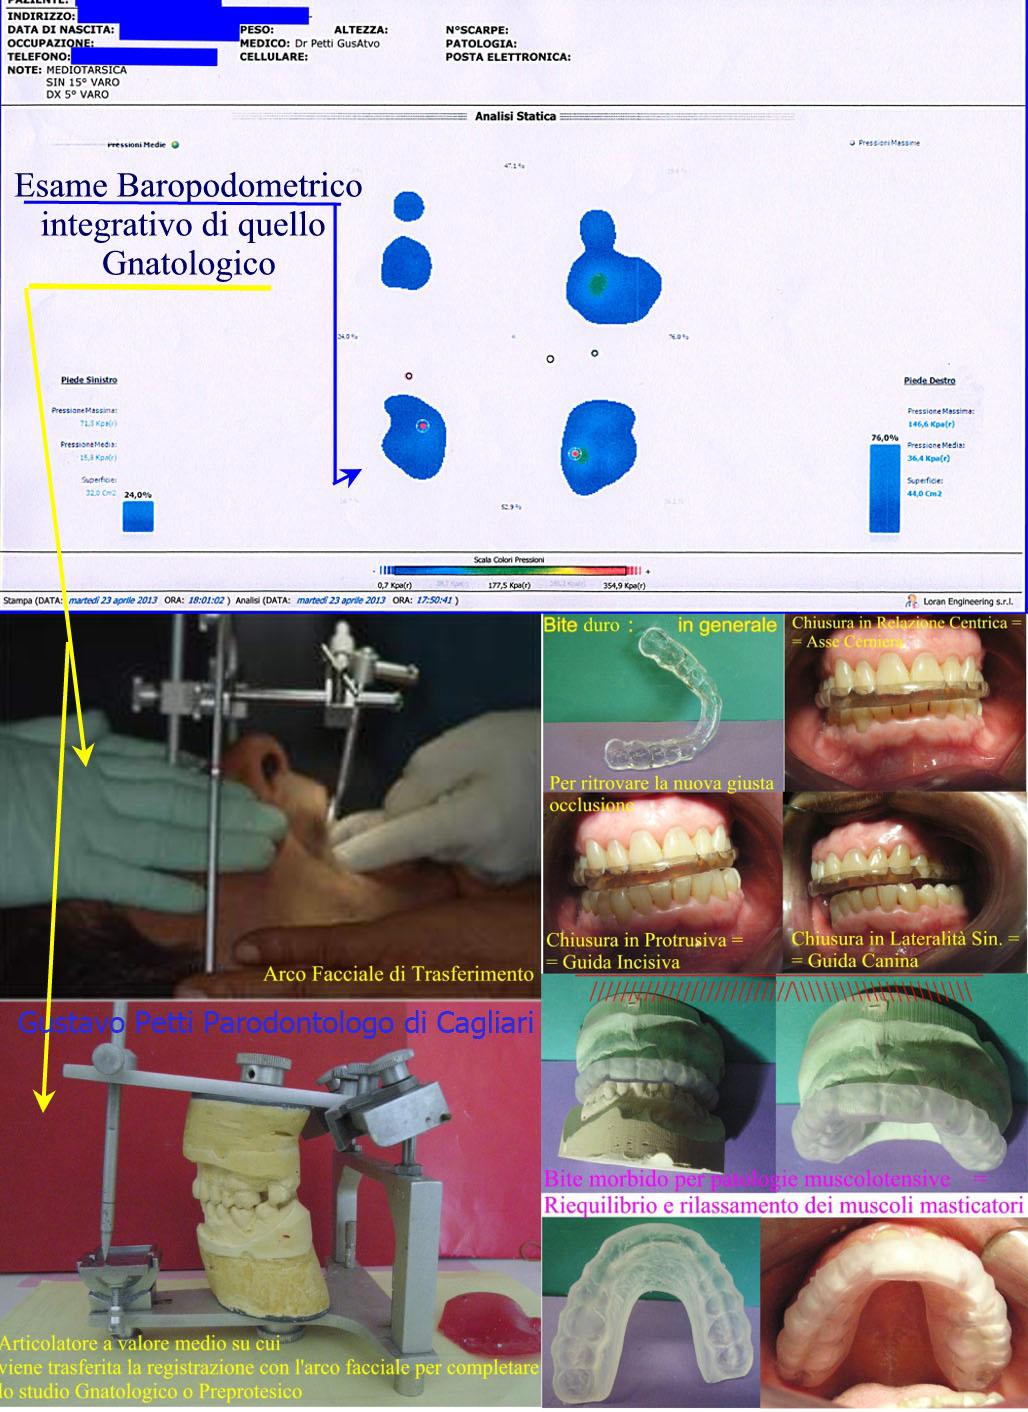 Da Dr. Gustavo Petti Parodontologo Gnatologo di Cagliari e Riabilitatore Orale in Casi Clinici Complessi. Parte di Visita Gnatologica con Arco di Trasferimento, Esame Stabilometrico computerizzato e Vari tipi di Bite.